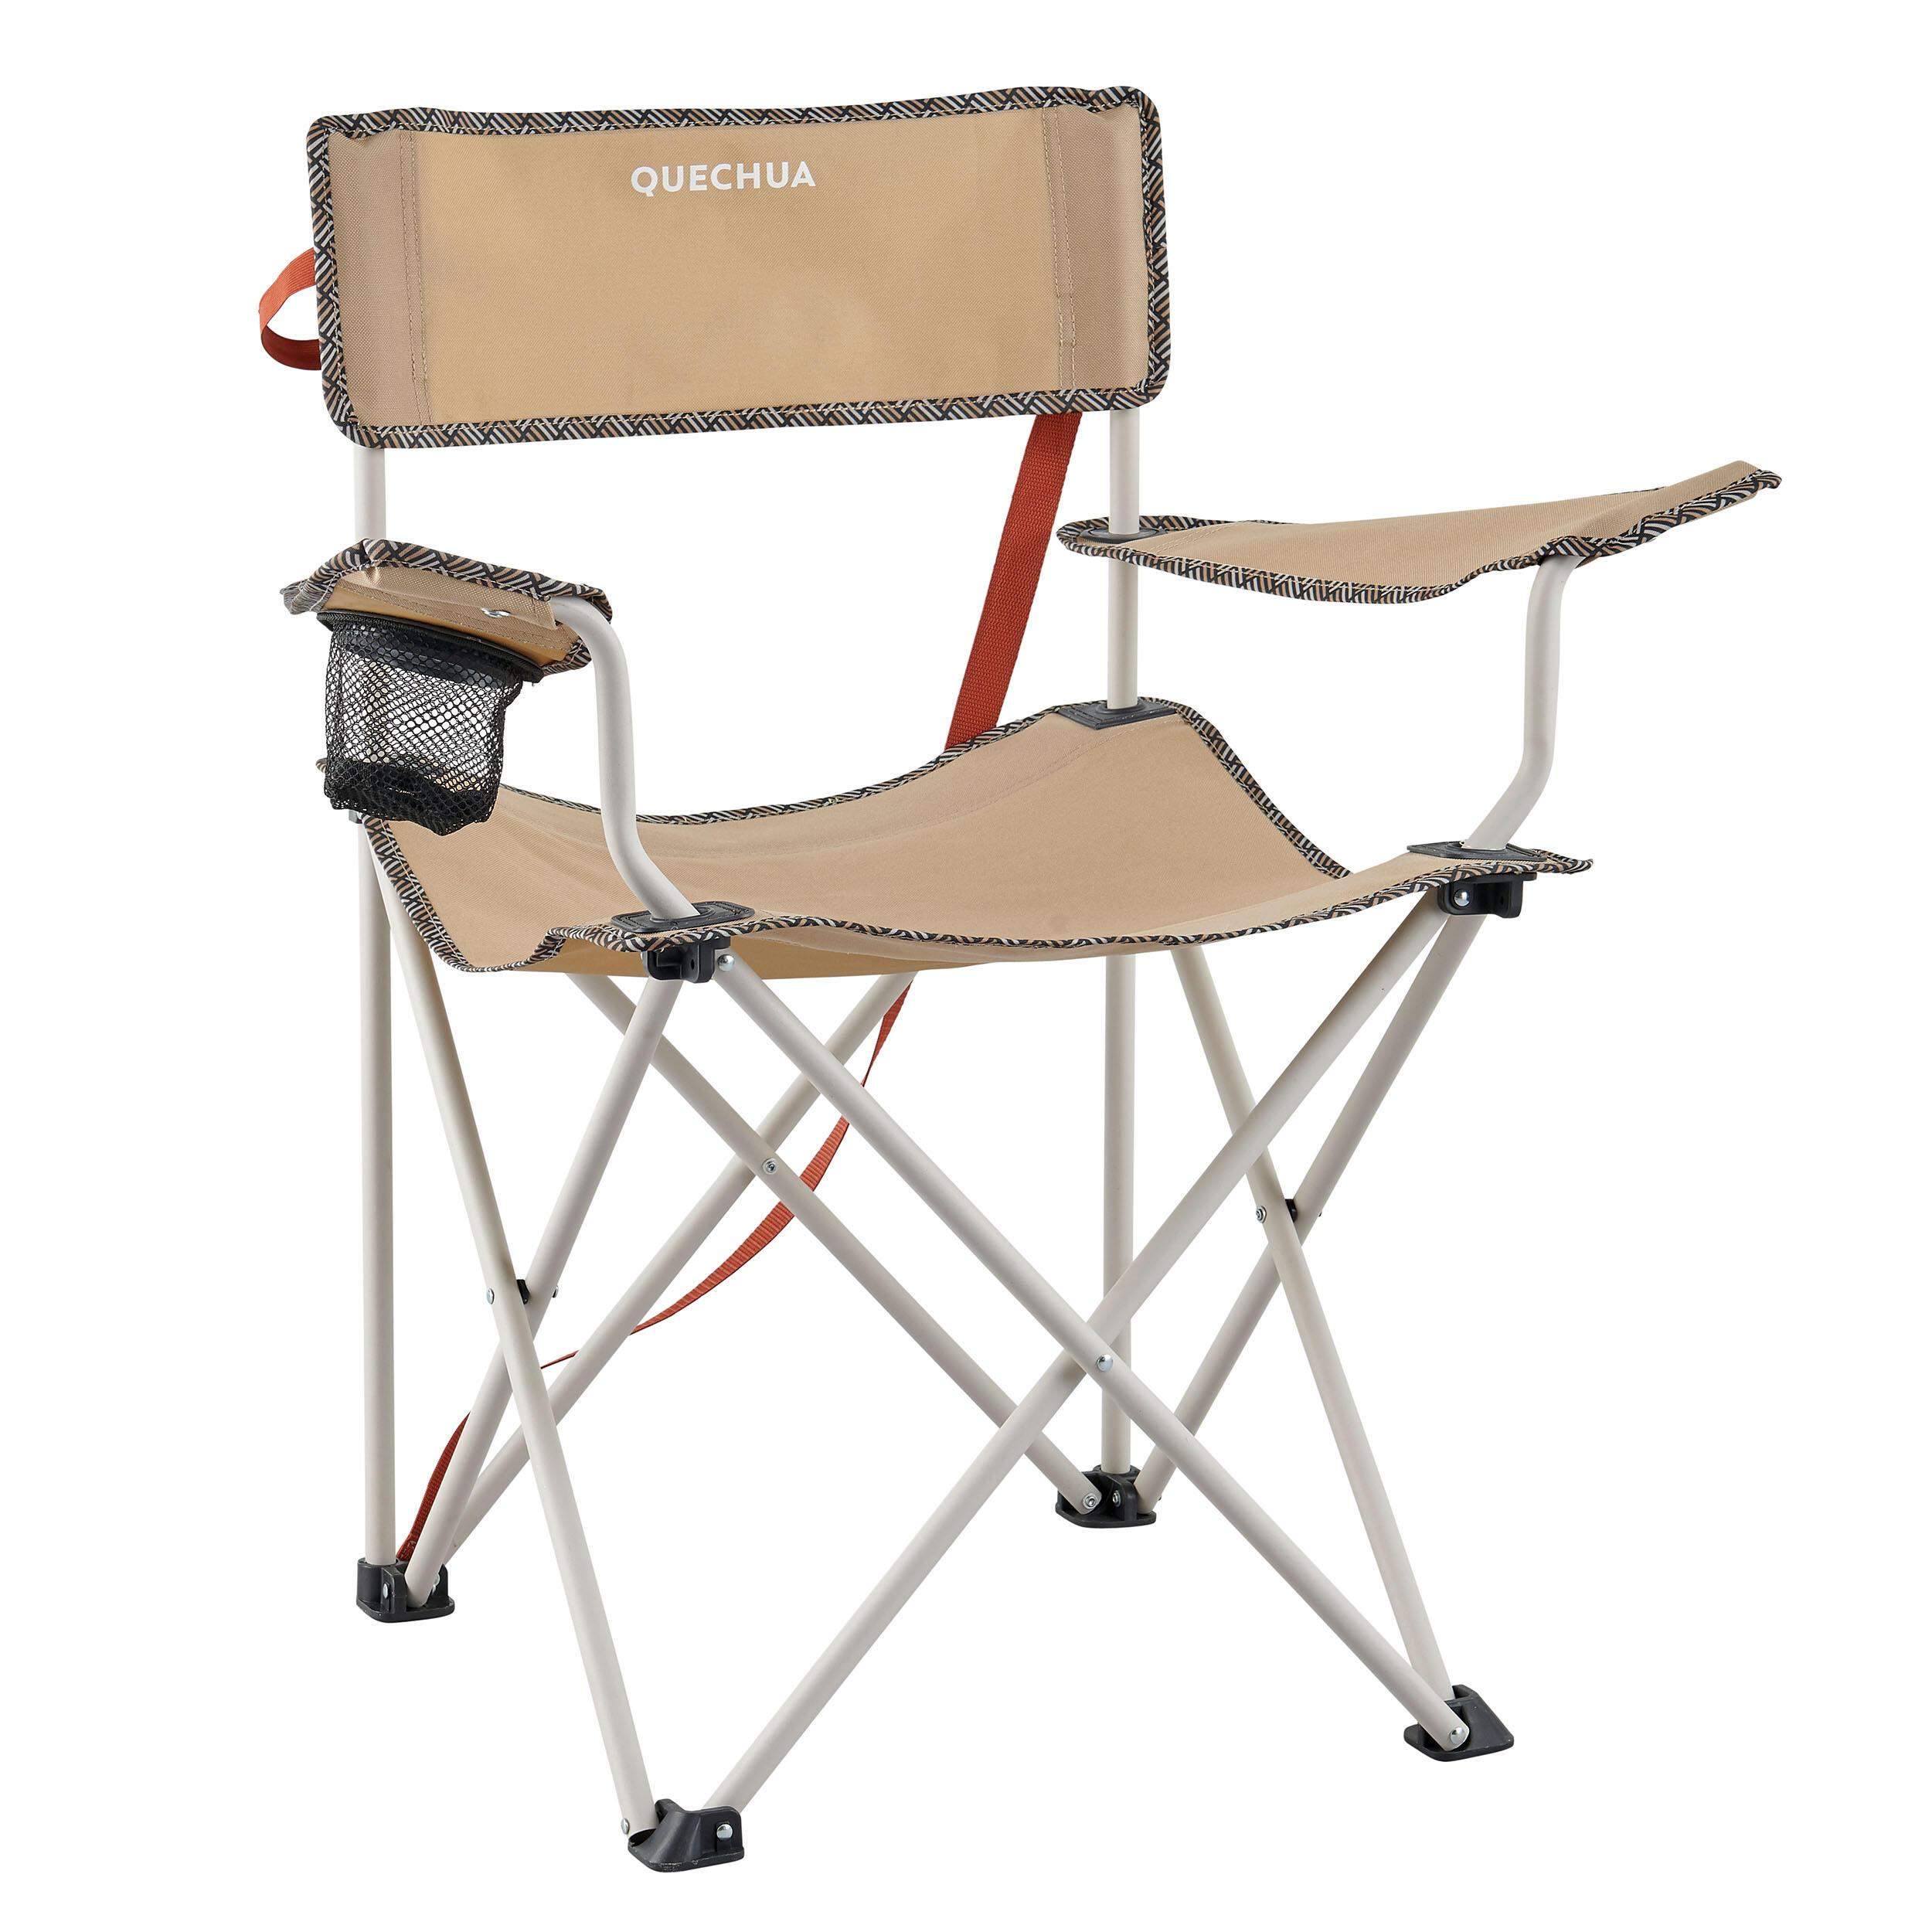 HXiaDyG Chaise De Camping Pliable Tr/épied Pliant 130 kg Camping Canne B/âton Si/ège Tabouret Portable Chaise Max Porteur pour Randonn/ée Plage P/êche Ext/érieur Color : Green, Size : One Size